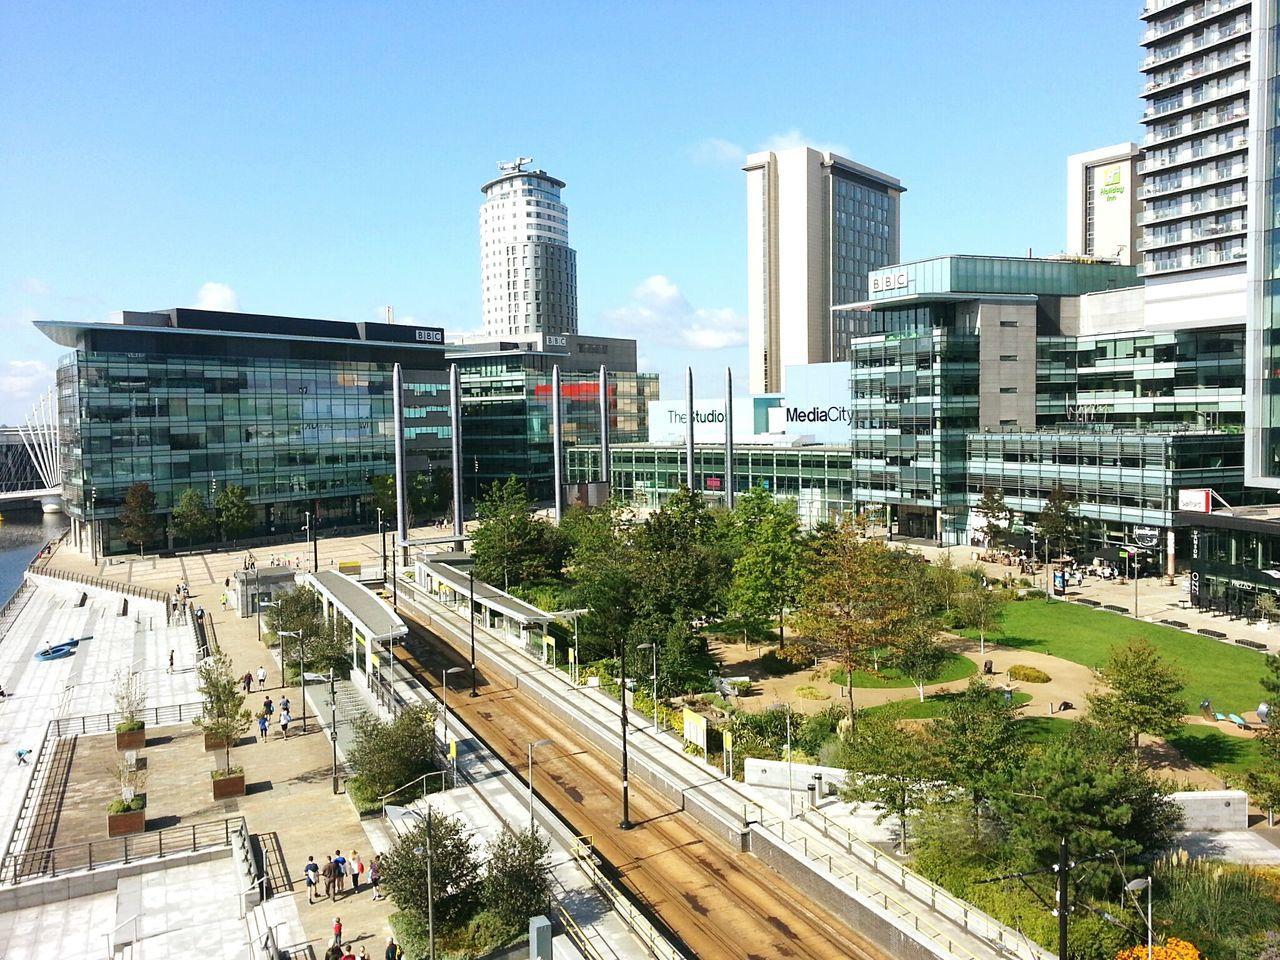 Mediacityuk Salford Quays Manchester - Salford Quays Buildings BBC Building And Sky Buildings & Sky Tram Gardens